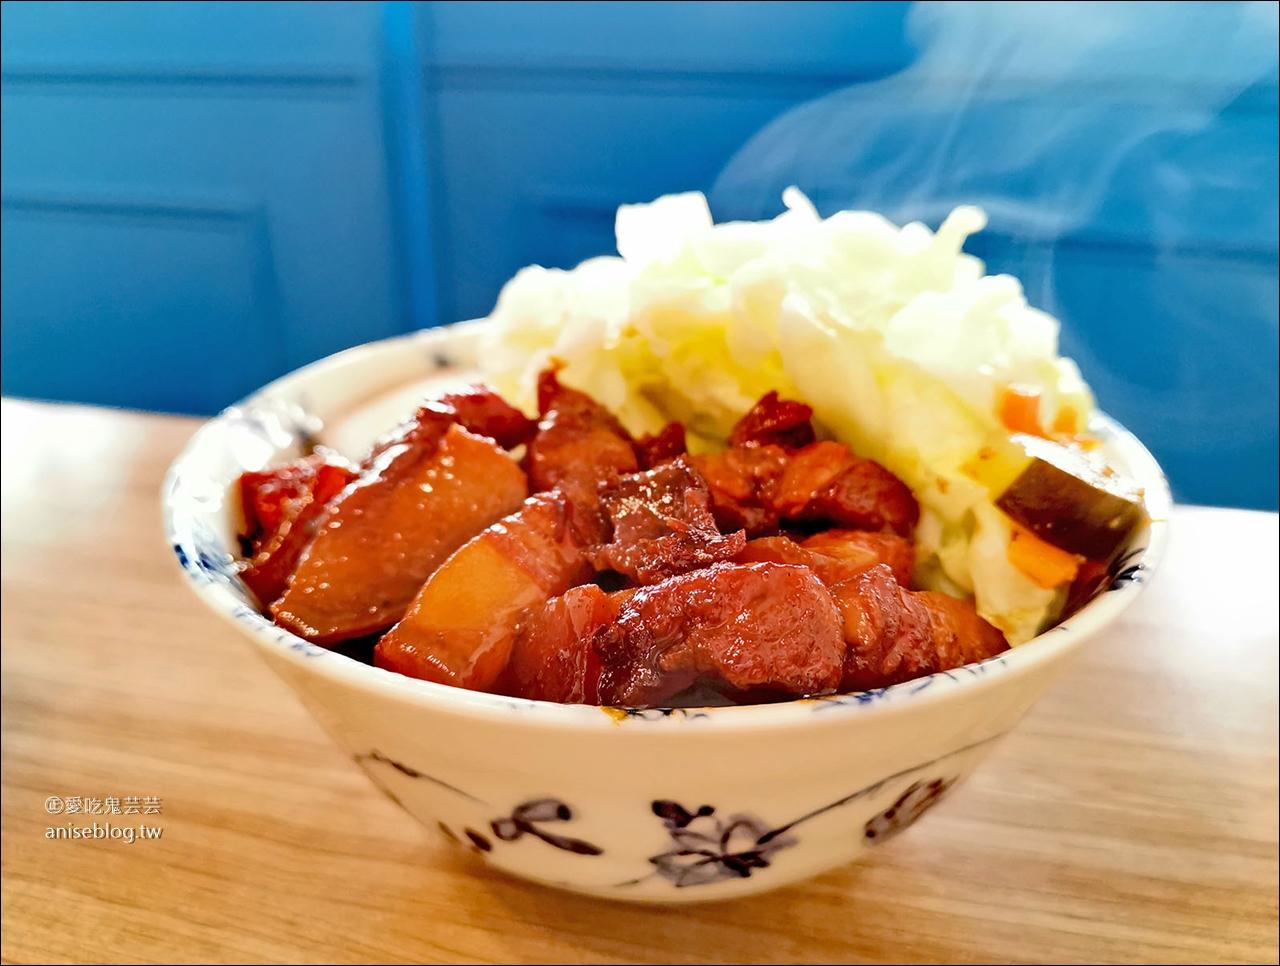 今日熱門文章:來碗Laksa吧!喔不,我想吃的是紅燒肉!